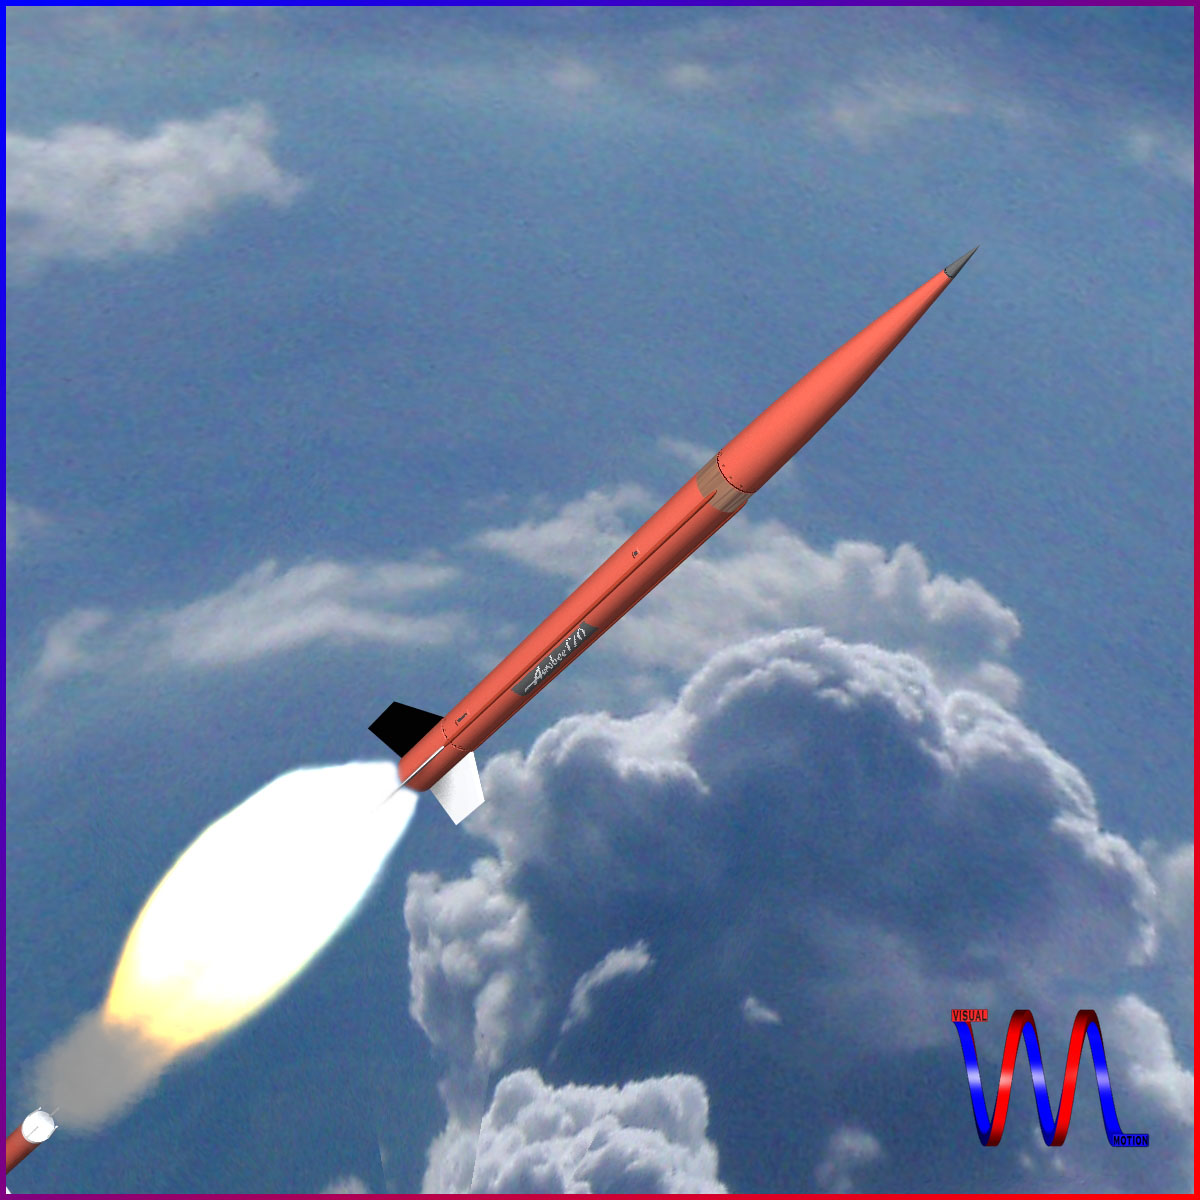 aerobee 170 raķete 3d modelis 3ds dxf fbx blend cob dae x obj 166036